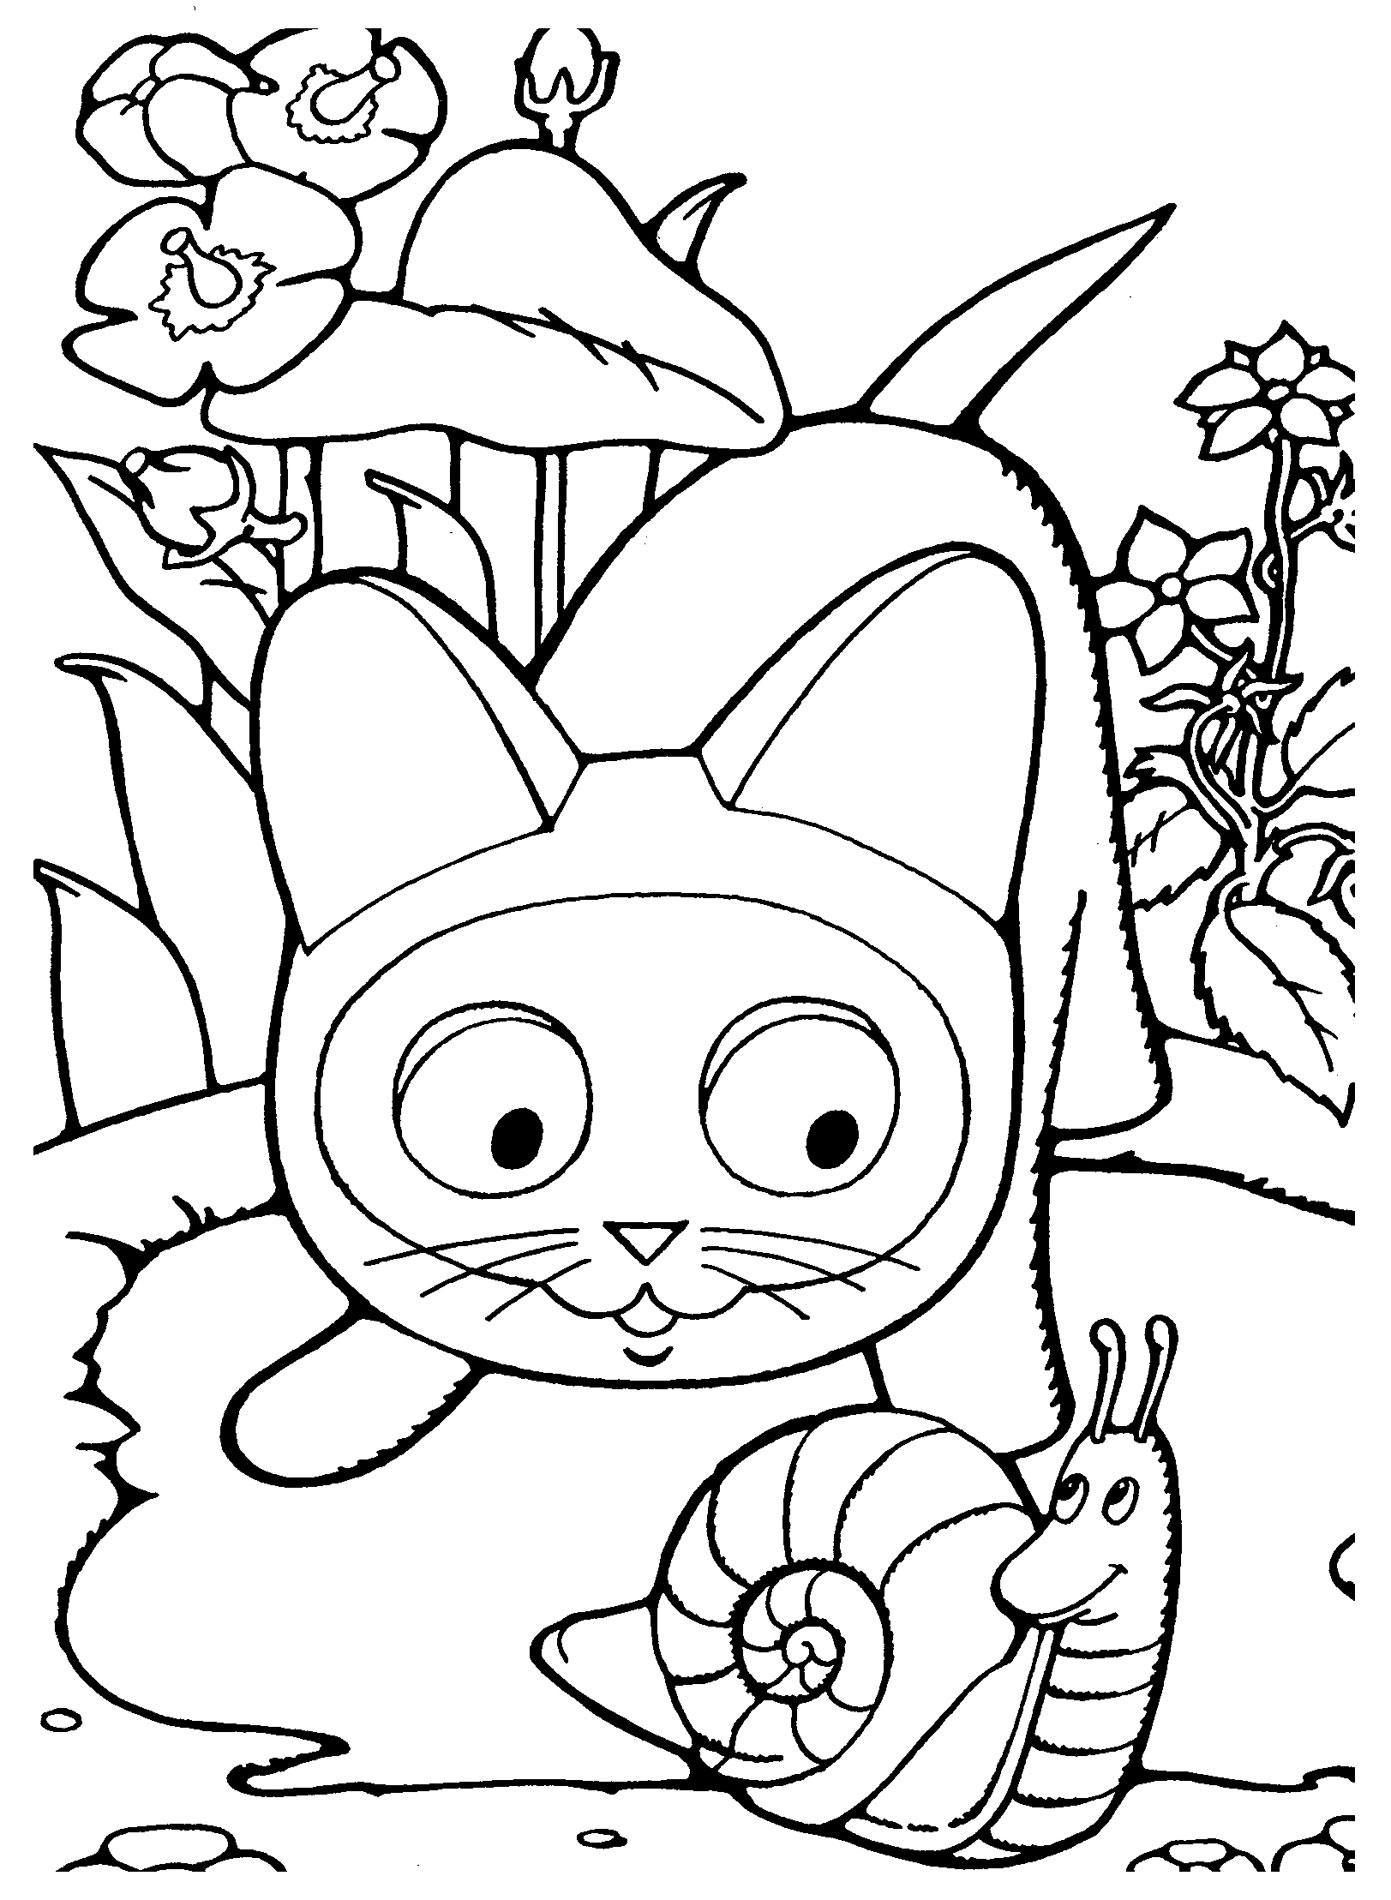 dessin de chaton trop mignon a imprimer